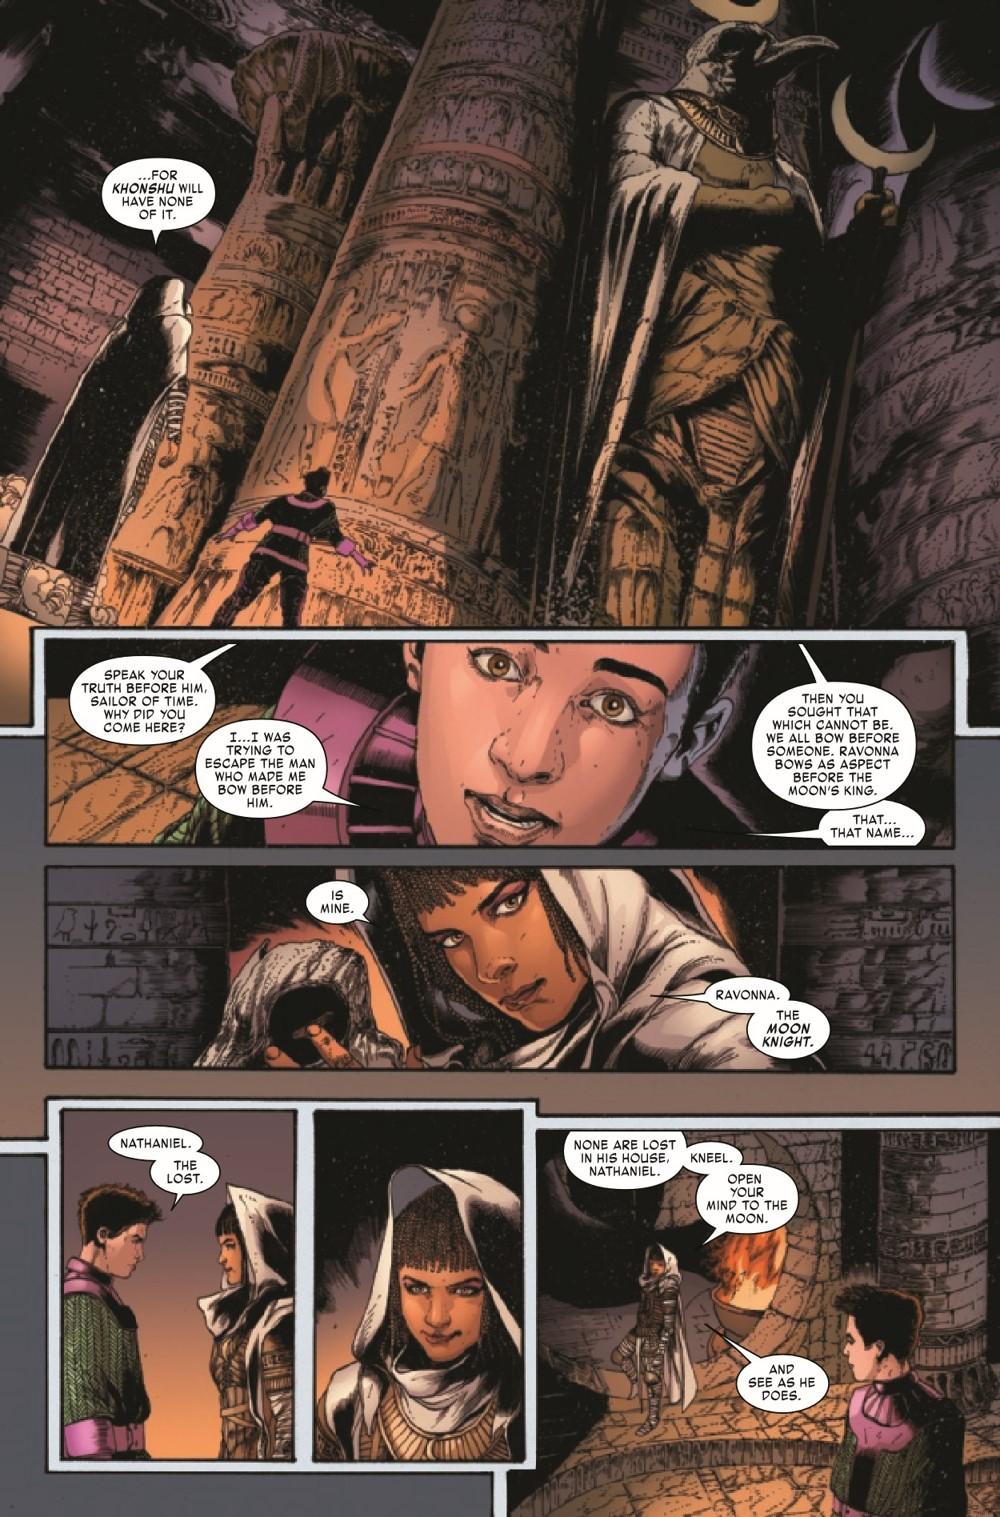 KANGCONQUEROR2021002_Preview-6 ComicList Previews: KANG THE CONQUEROR #2 (OF 5)